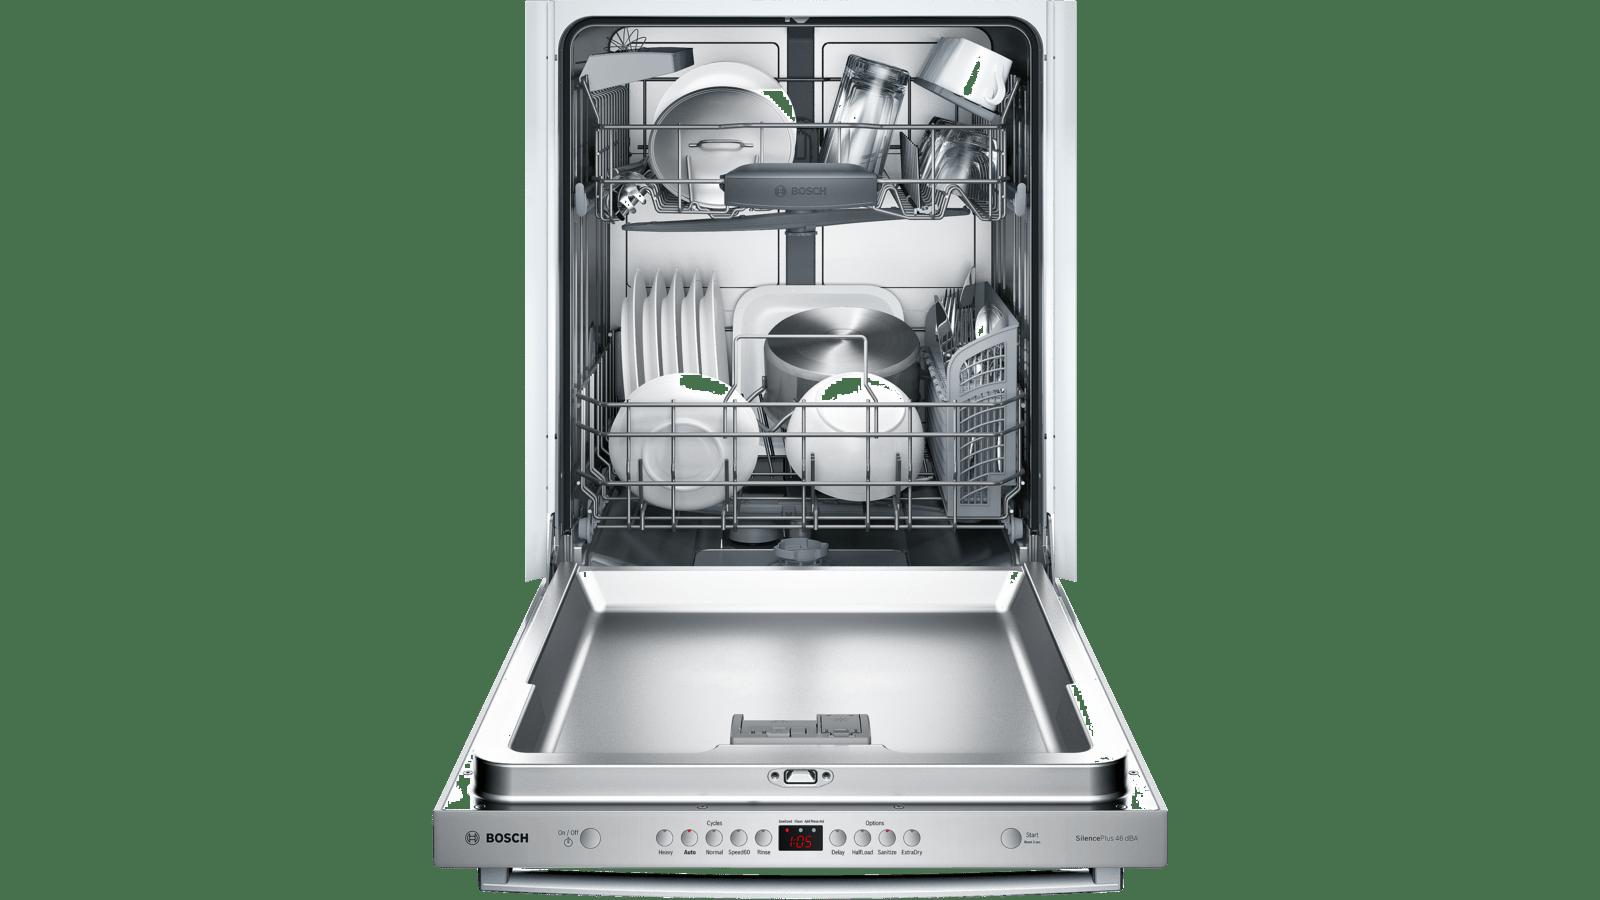 BOSCH - SHX5AV55UC - Dishwasher